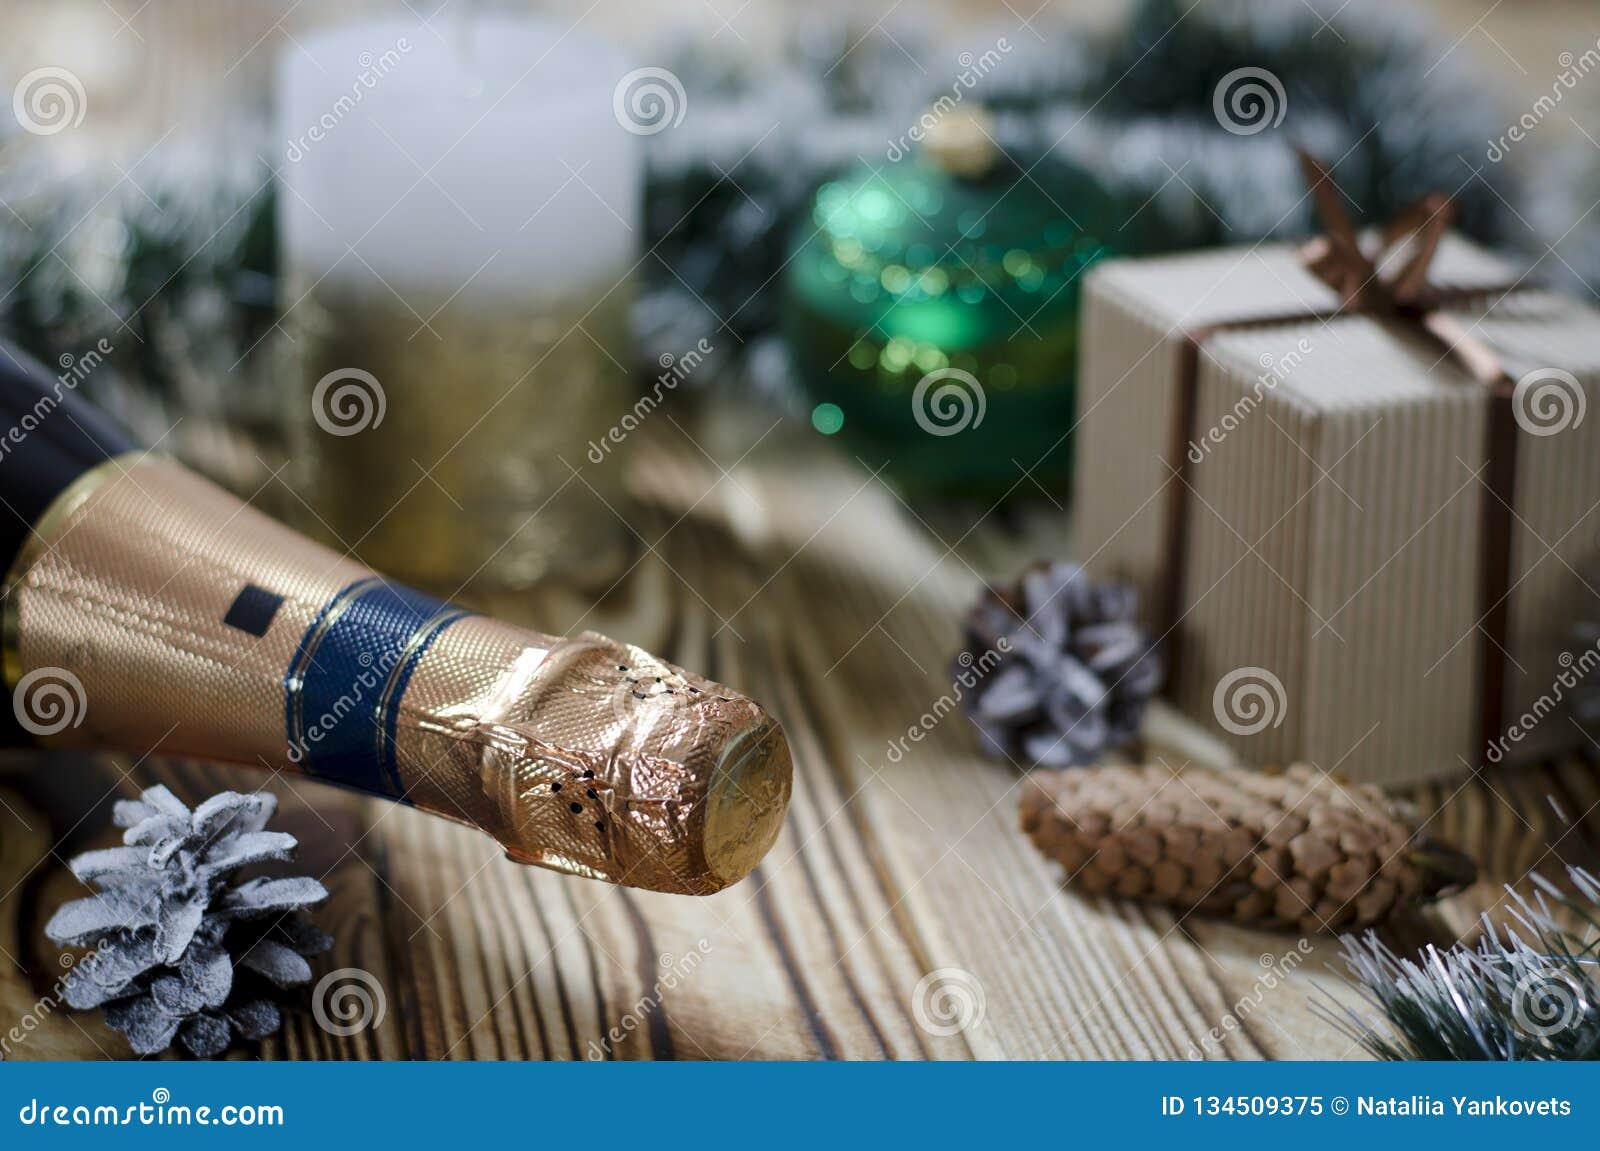 礼物在一张木桌放置在一个蜡烛、锥体和天使旁边以圣诞装饰为背景